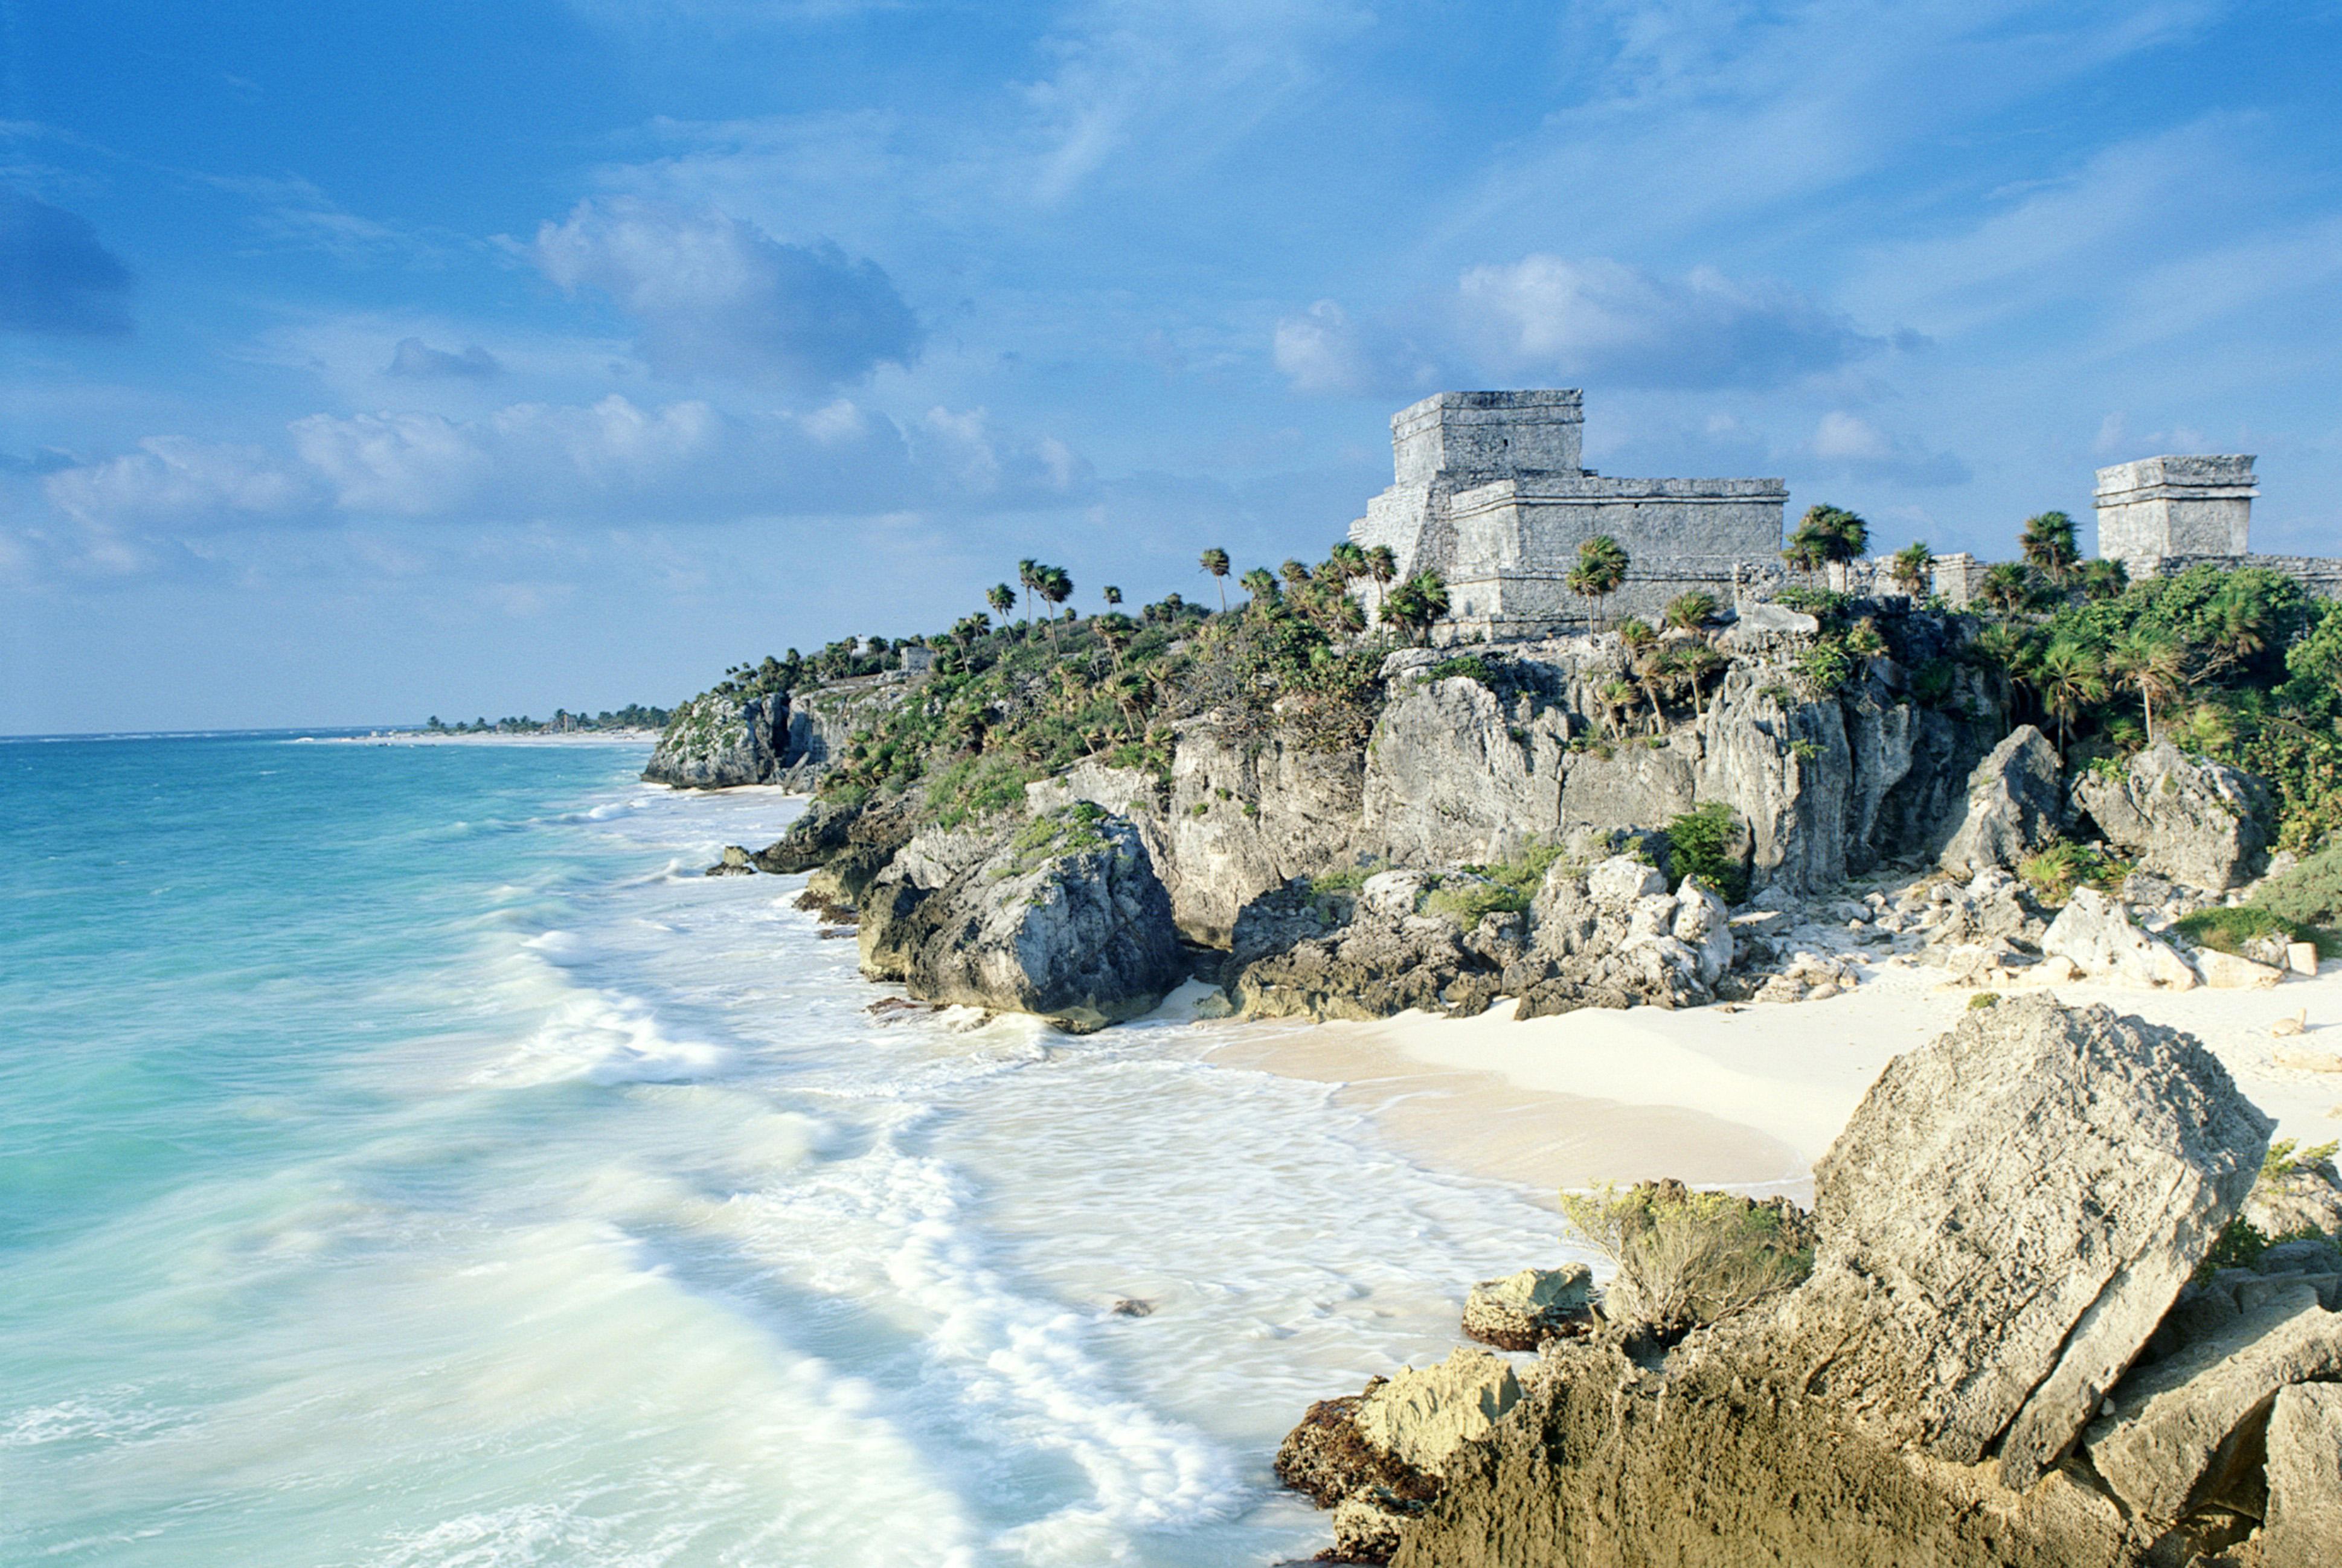 Cozumel Ruins And Beach Tour